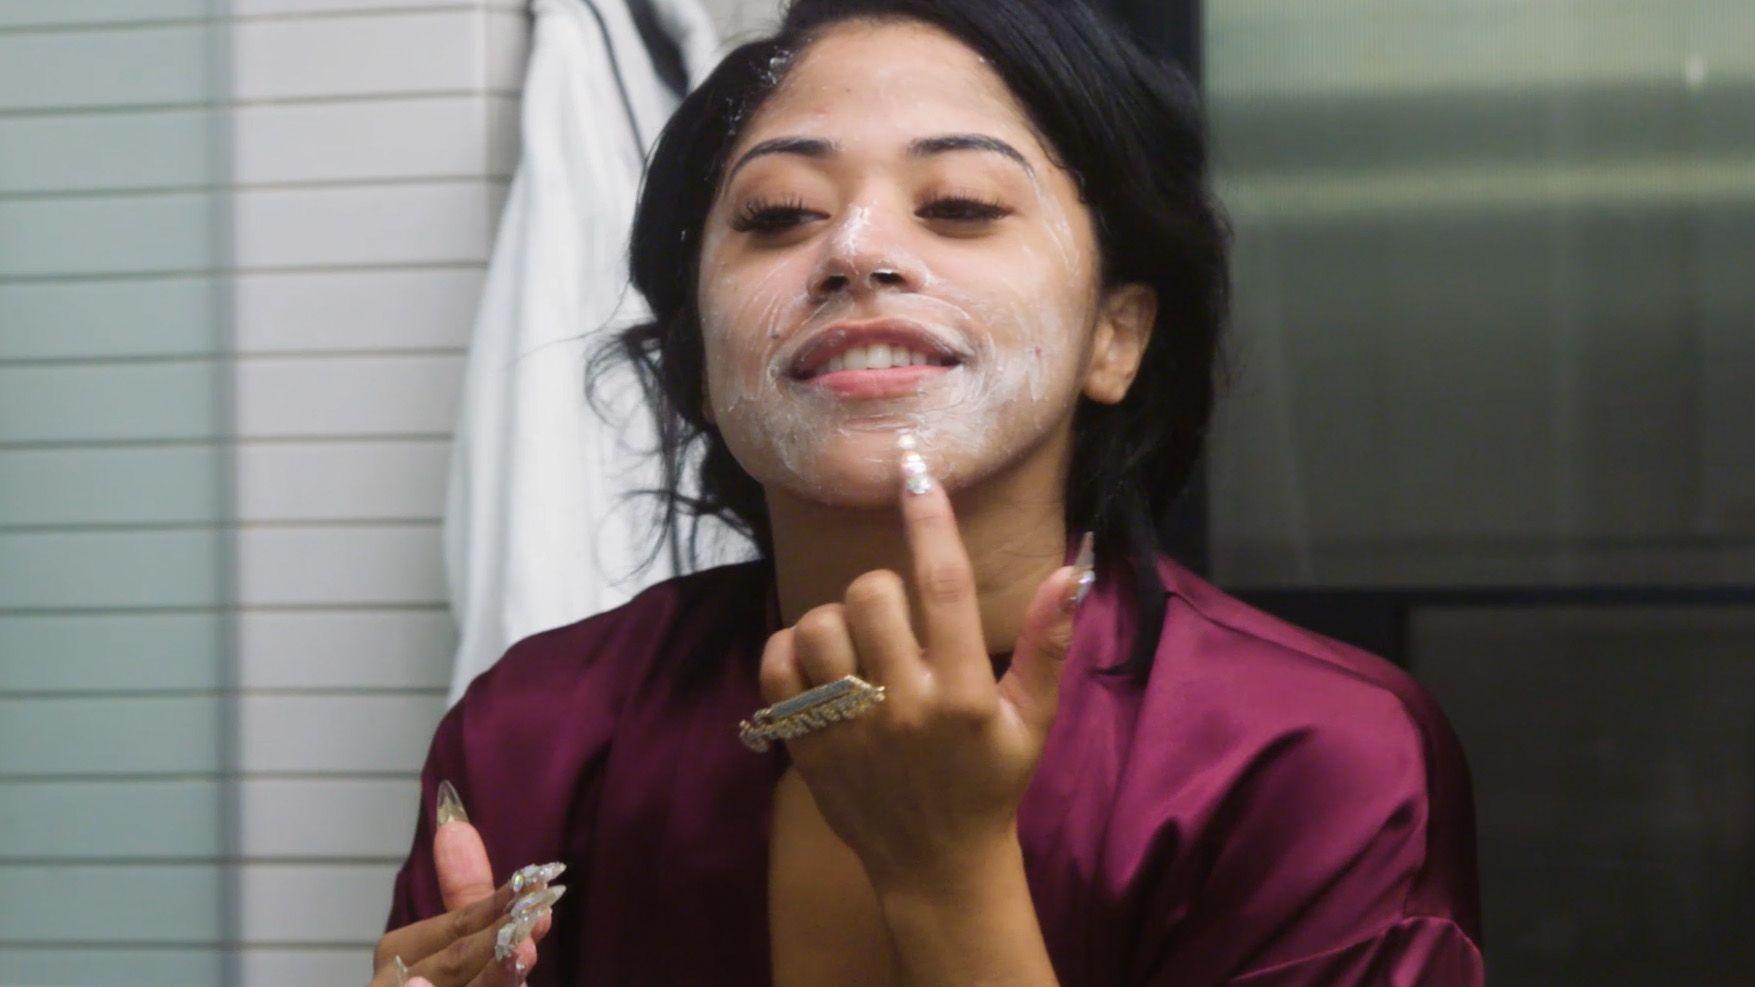 Hennessy Carolinas Nighttime Skincare Routine